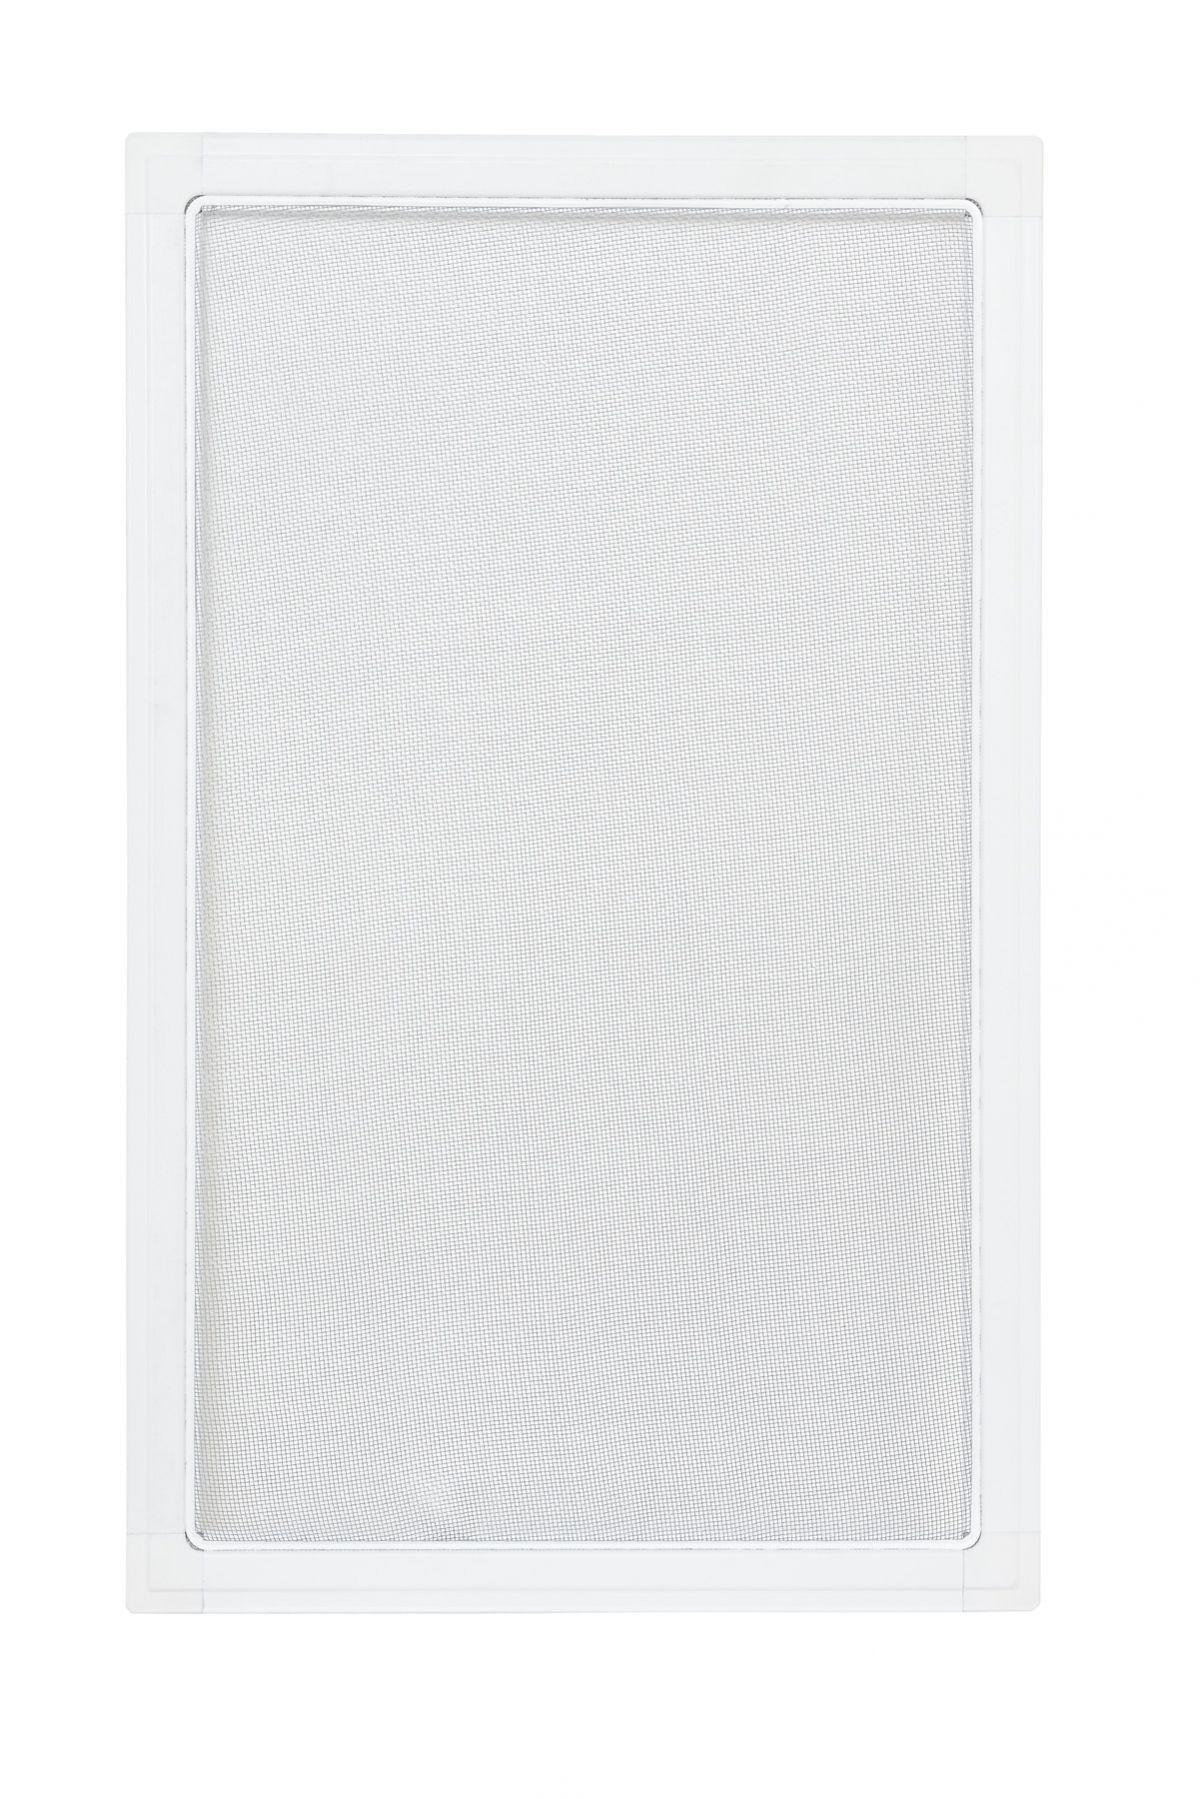 Moskitiery okienne Moskitiera ramkowa - biała, siatka szara